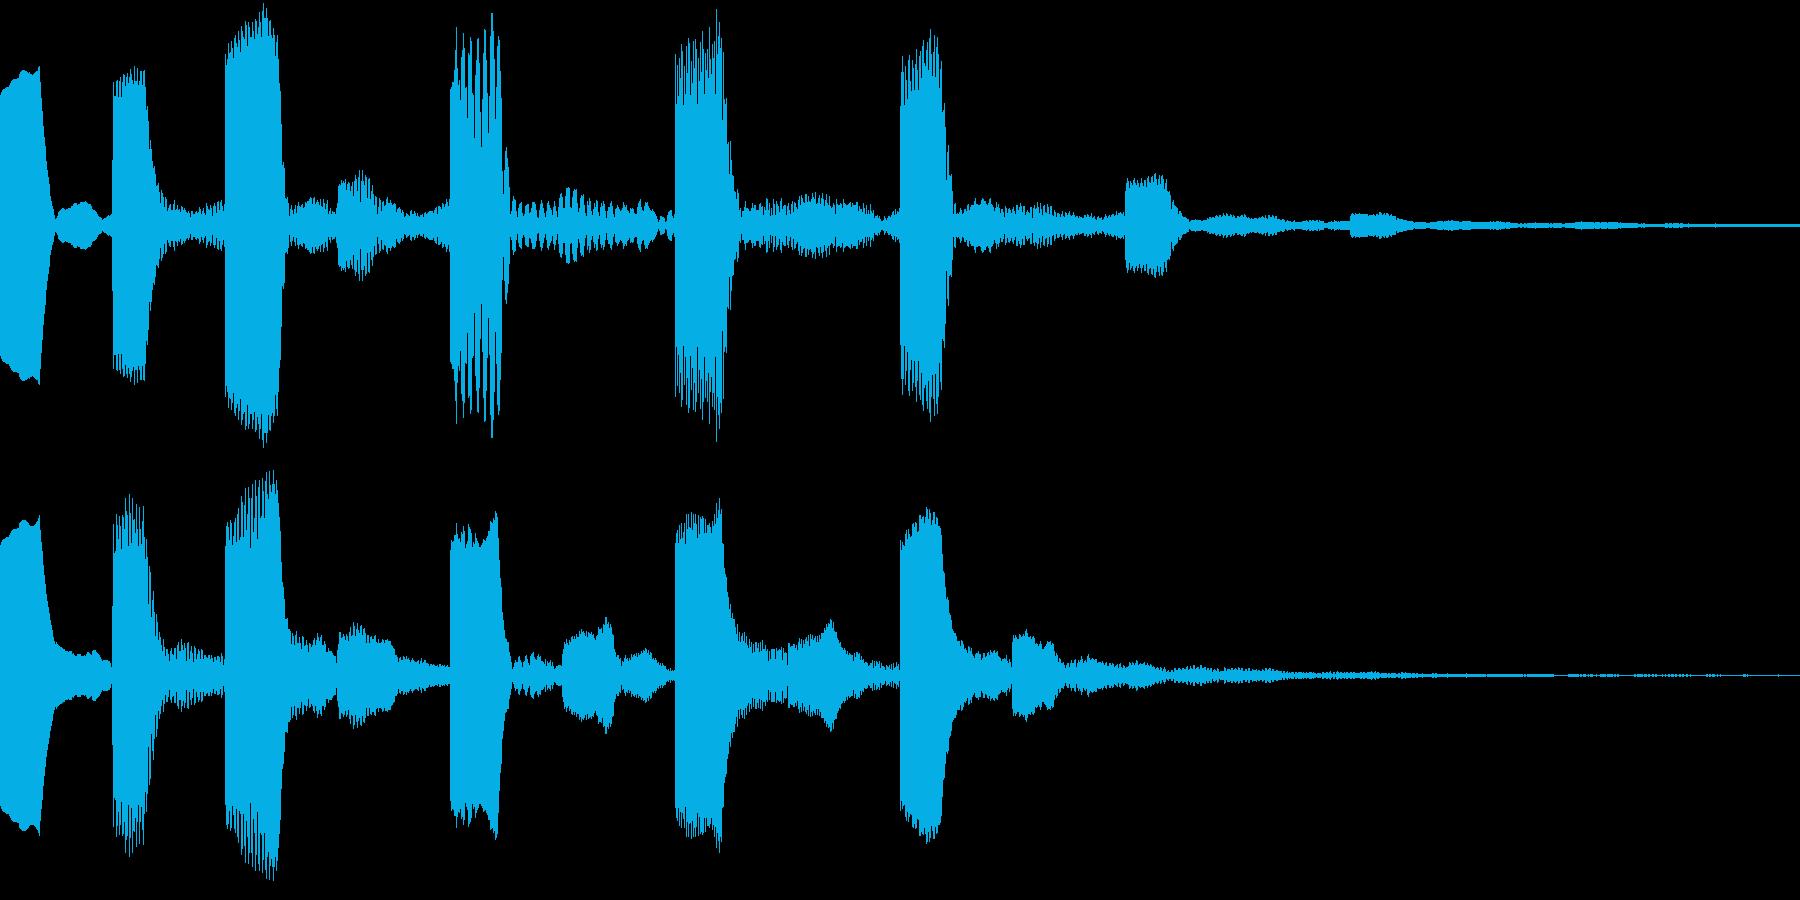 シンセ、テクノ、ピコピコ効果音1の再生済みの波形